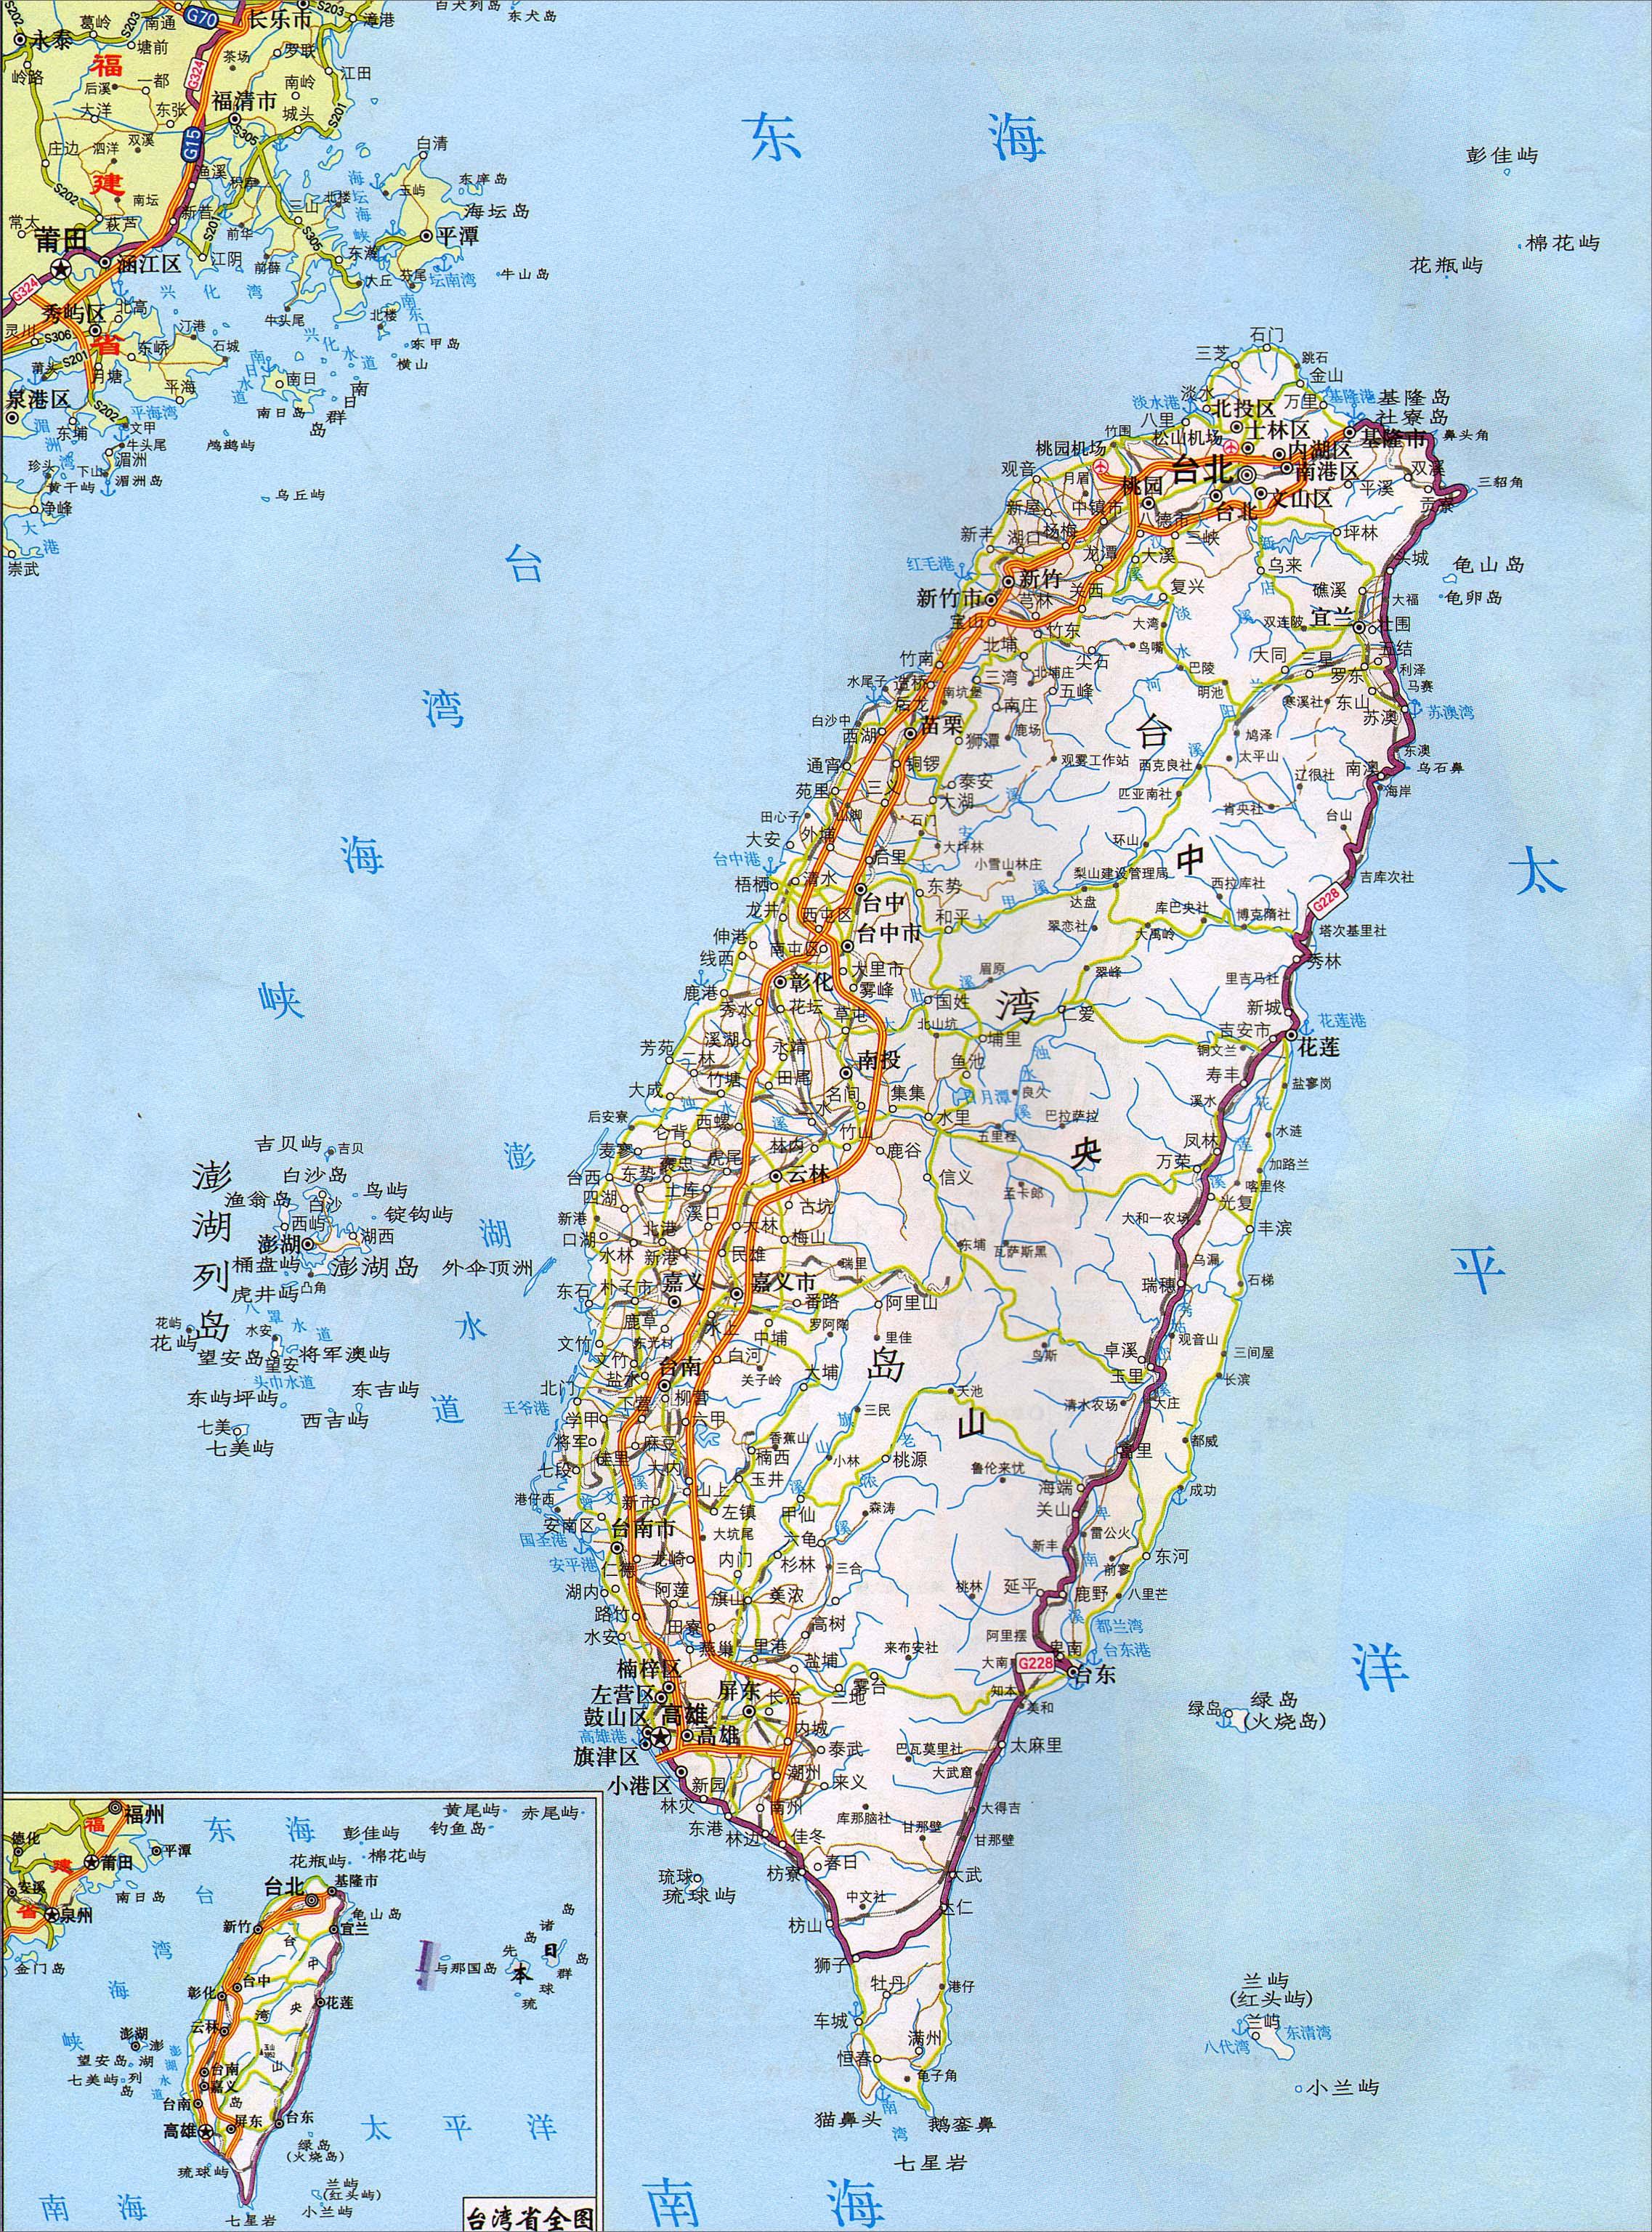 地图库 交通地图 高速公路网 >> 台湾高速公路地图2017版